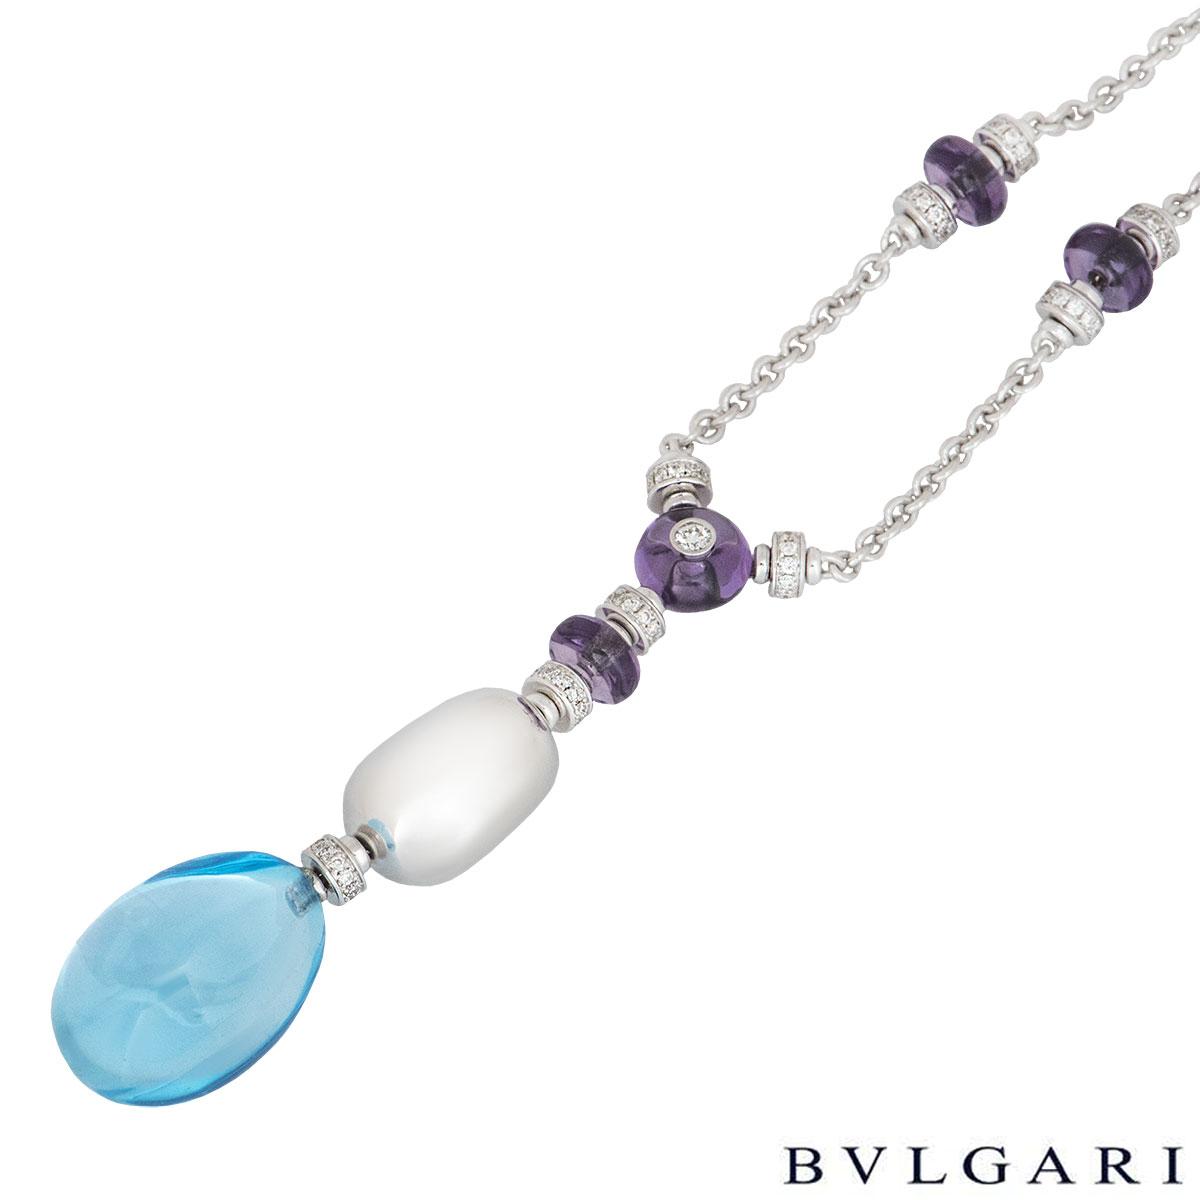 Bvlgari White Gold Diamond & Multi-Gem Mediterranean Eden Necklace CL855840